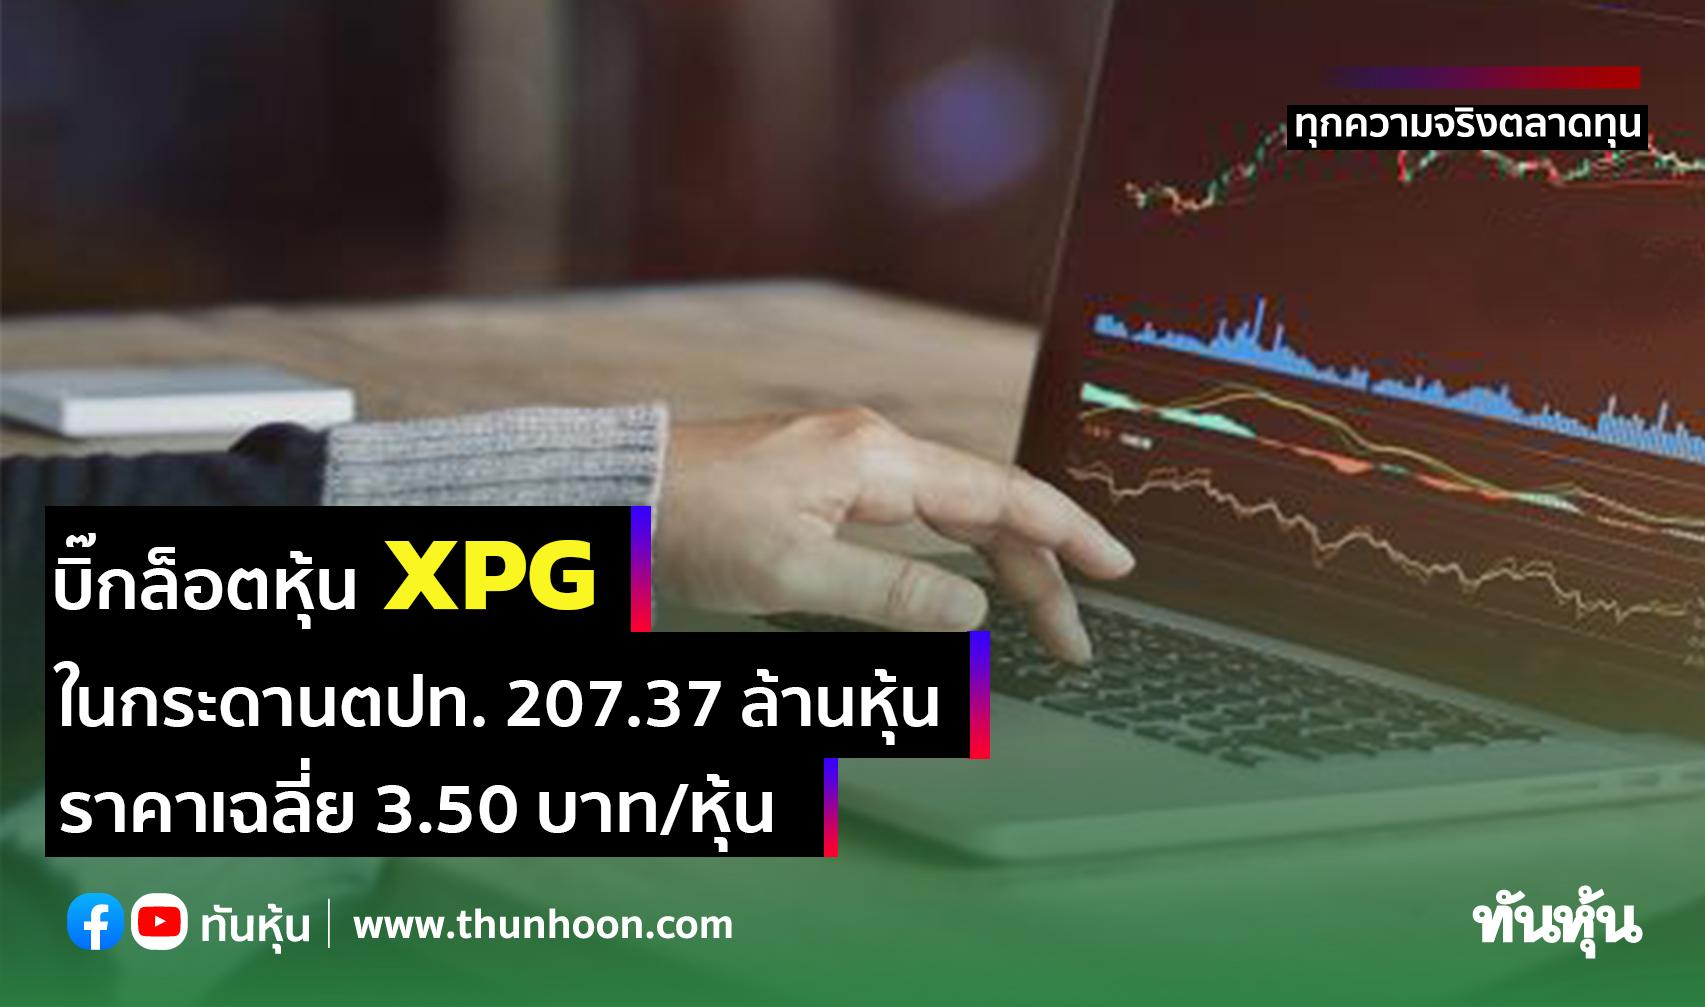 บิ๊กล็อตหุ้น XPG ในกระดานตปท. 207.37 ล้านหุ้น ราคาเฉลี่ย 3.50 บาท/หุ้น